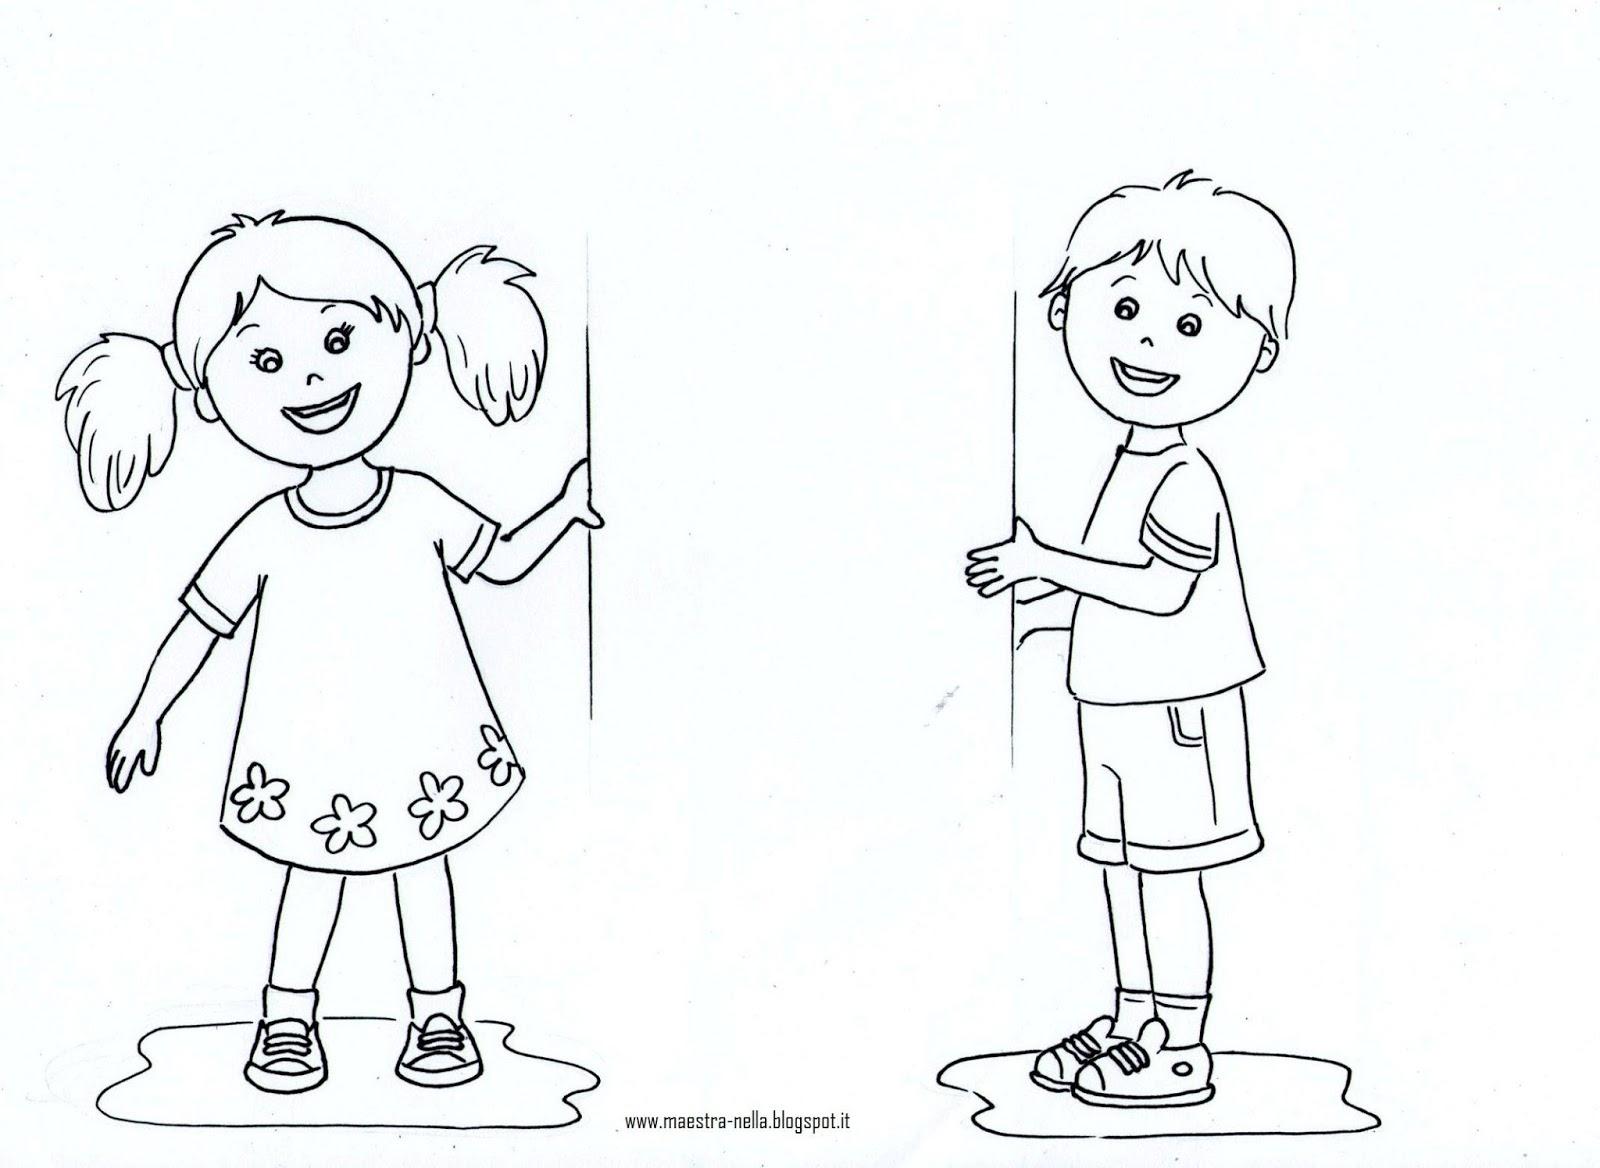 Maestra nella il cartellone degli avvisi for Disegno bambina da colorare